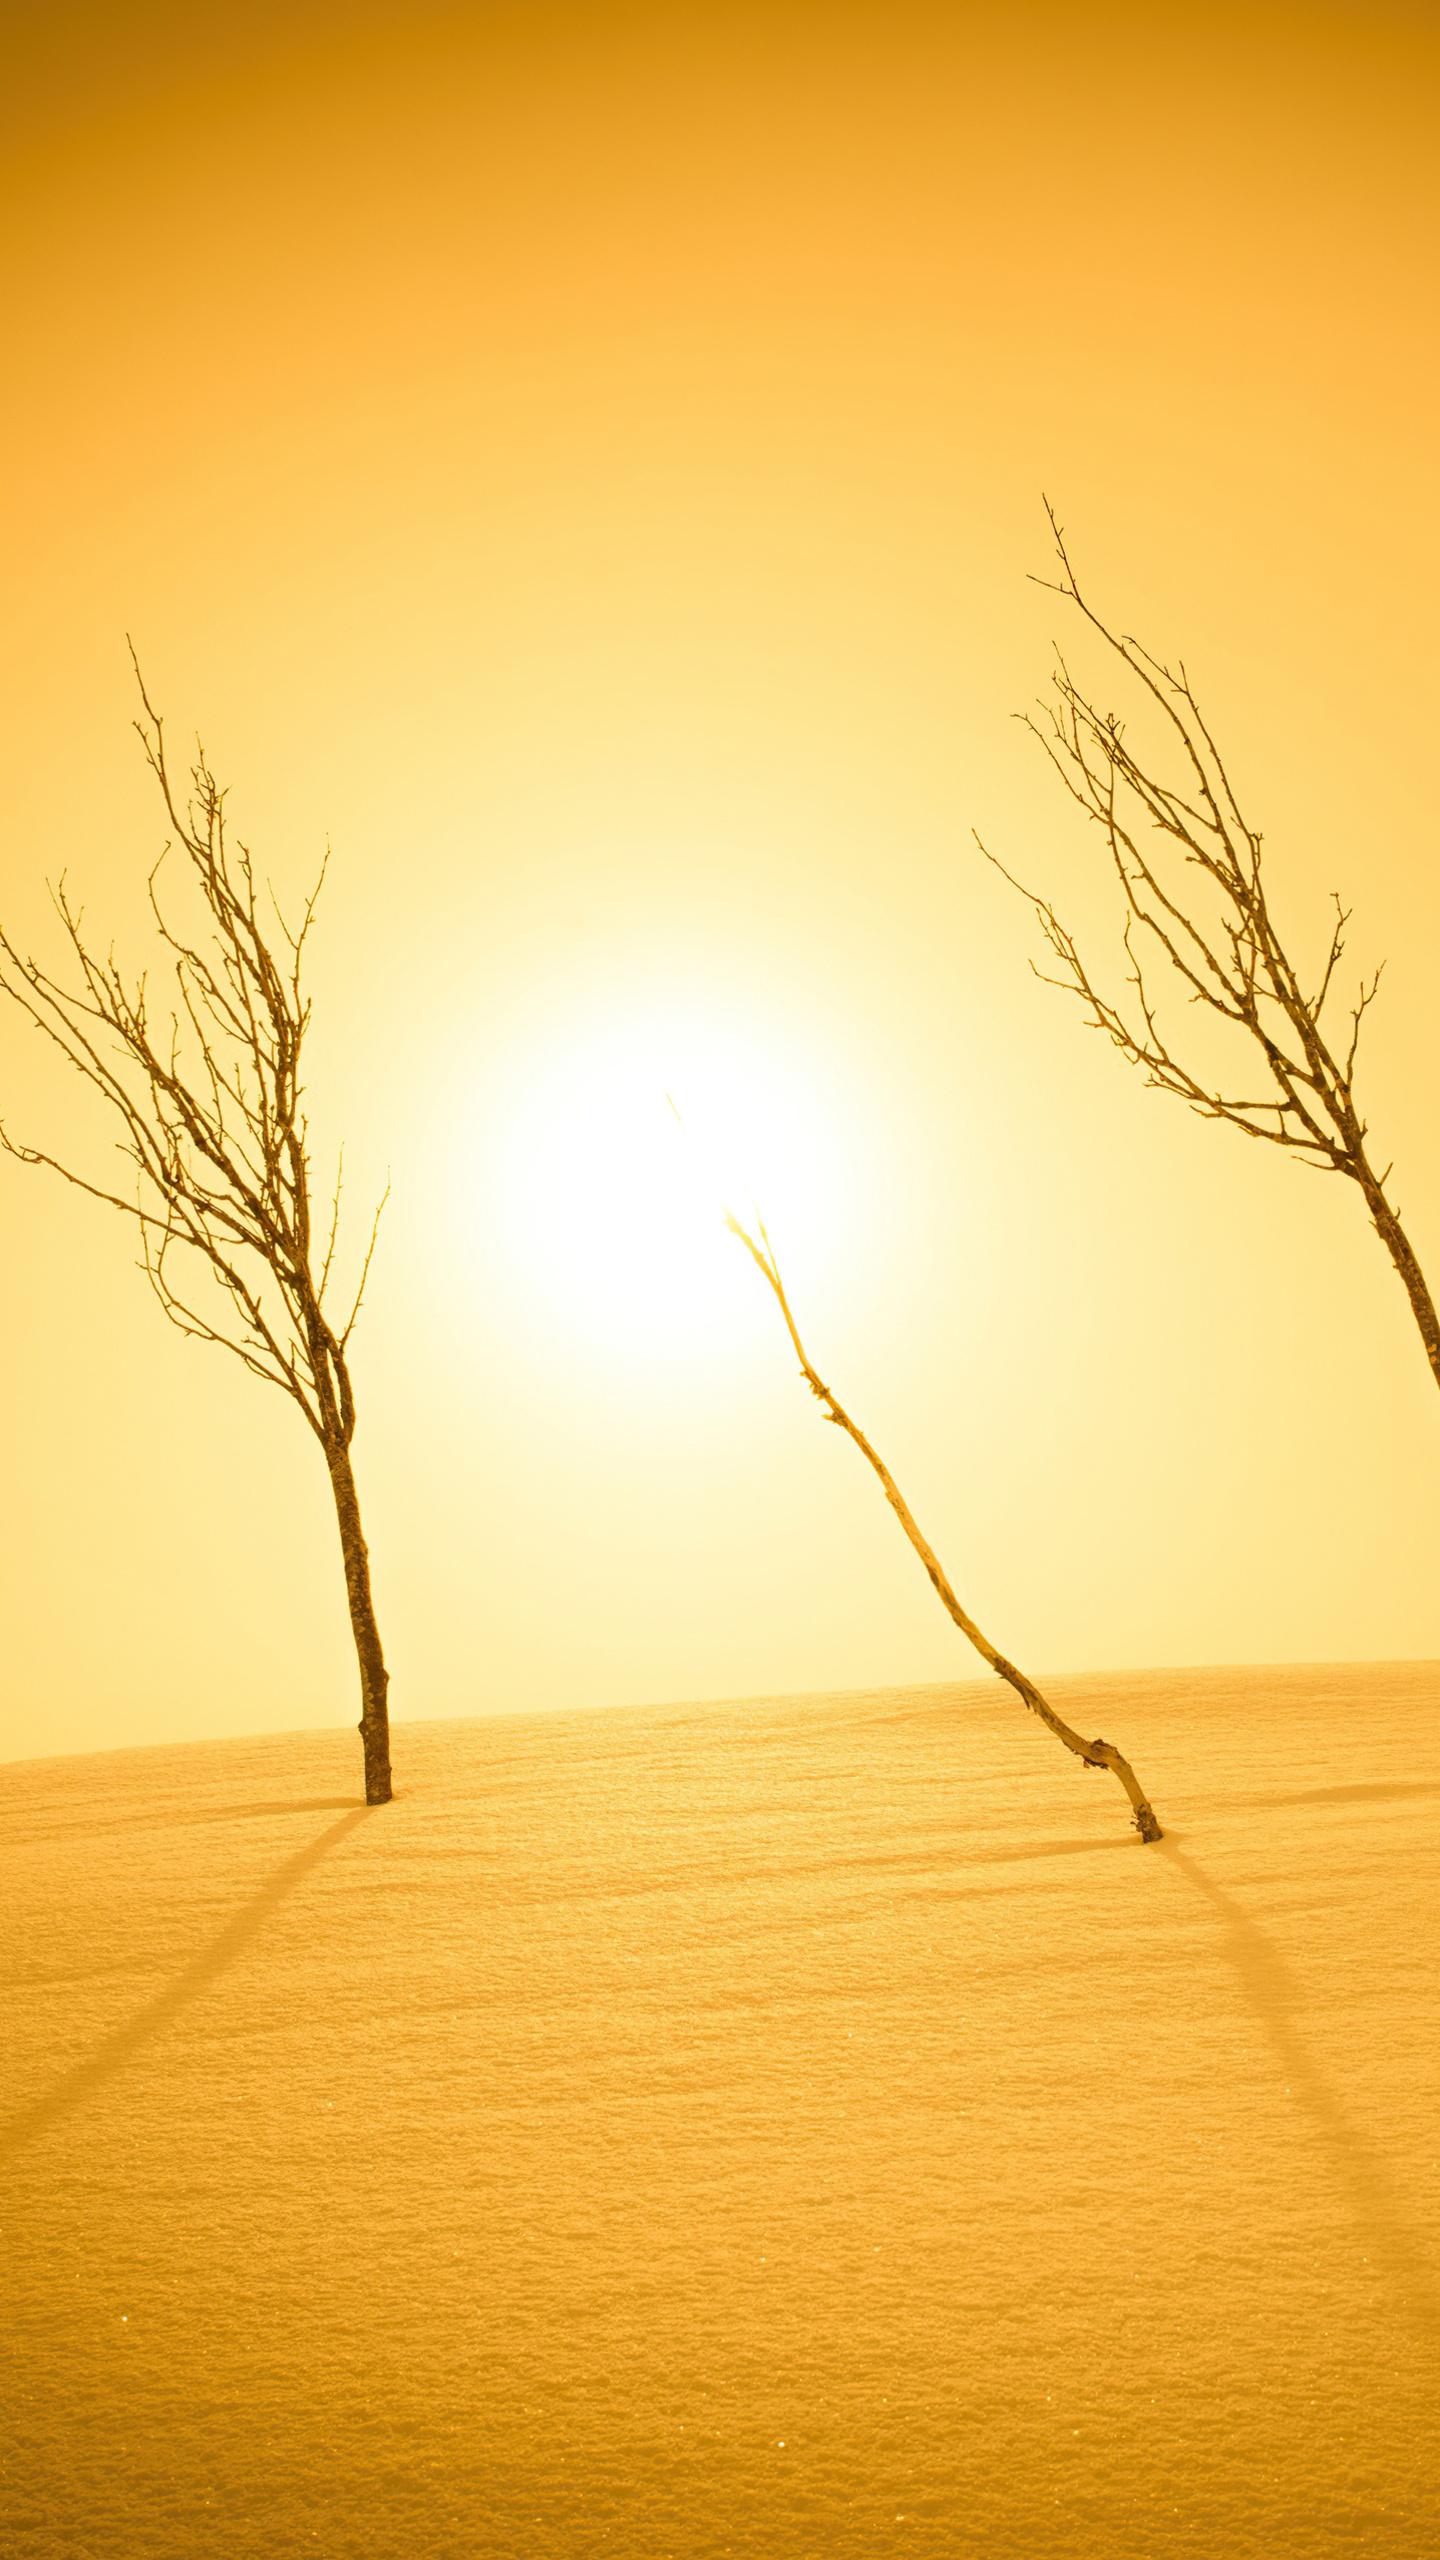 plants-sunlight-desert-4k-6d.jpg